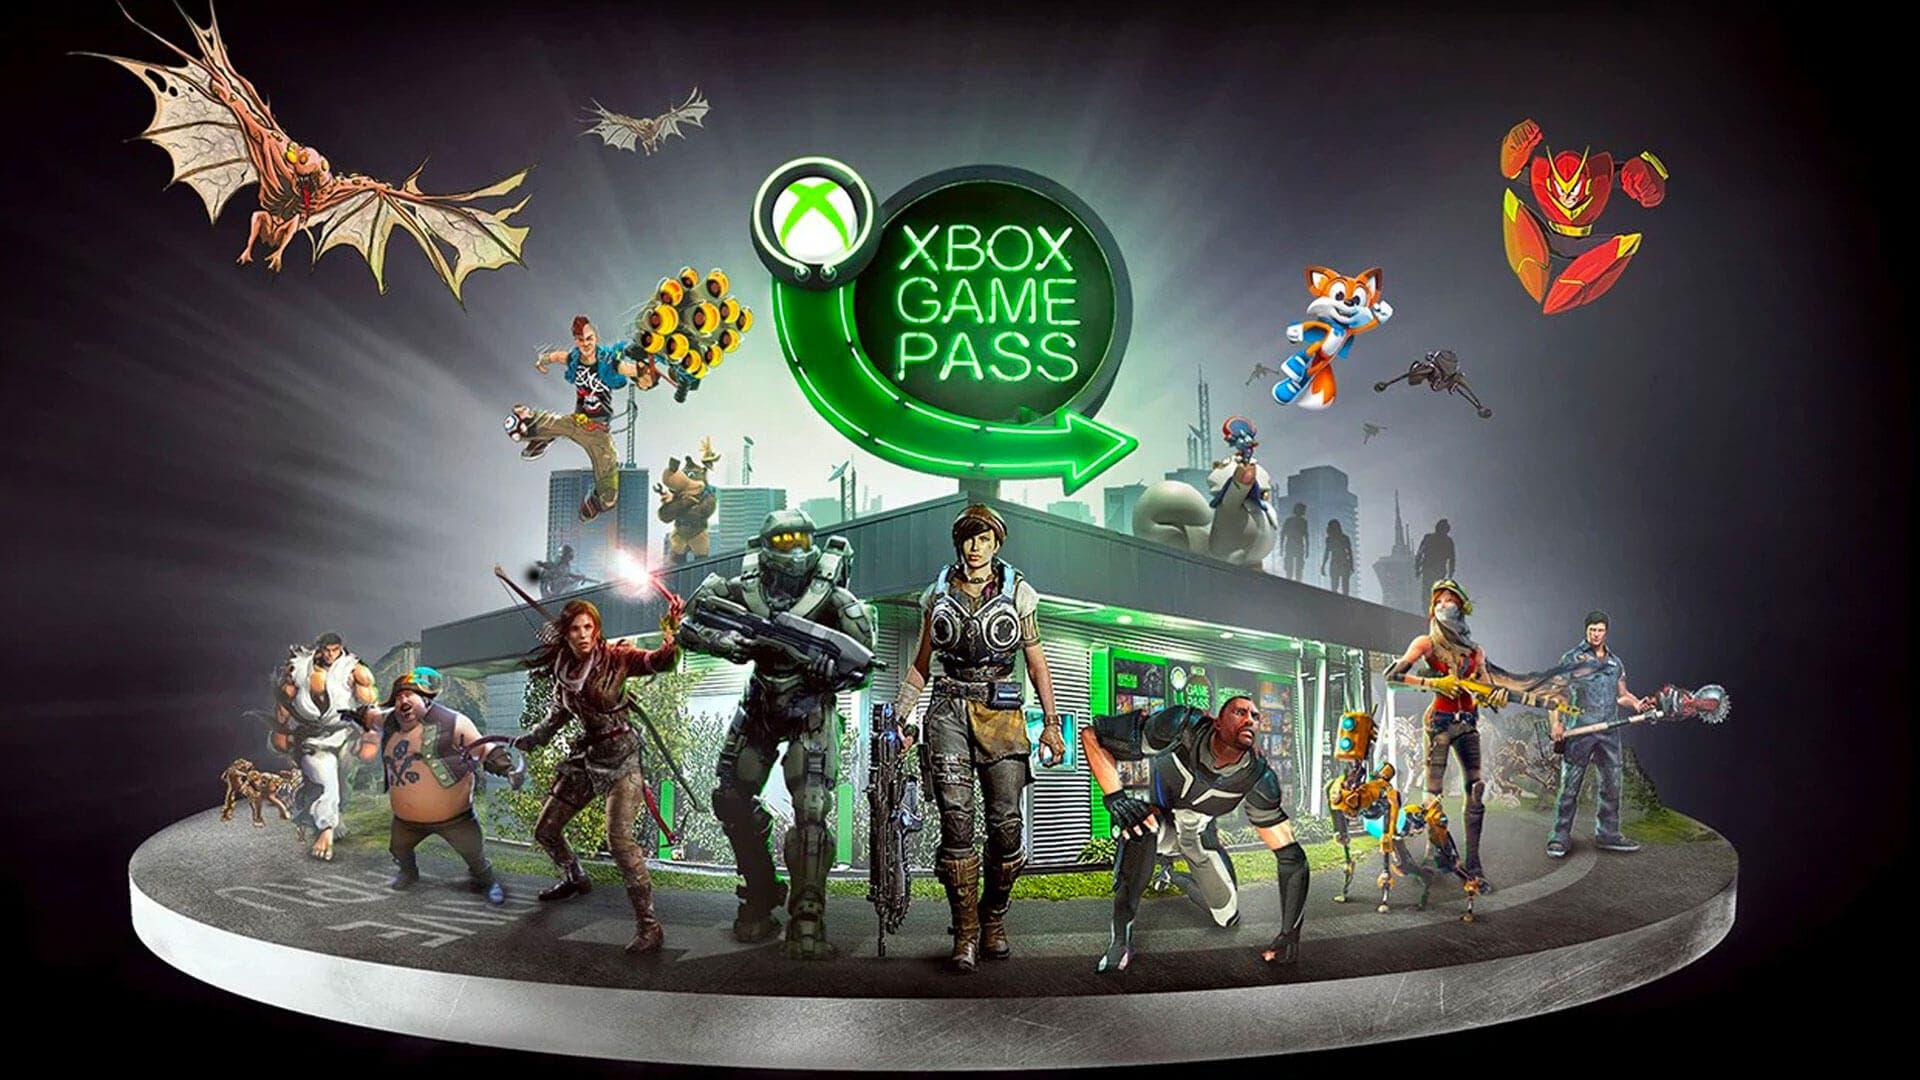 Xbox Game Pass supera los 10 millones de suscriptores